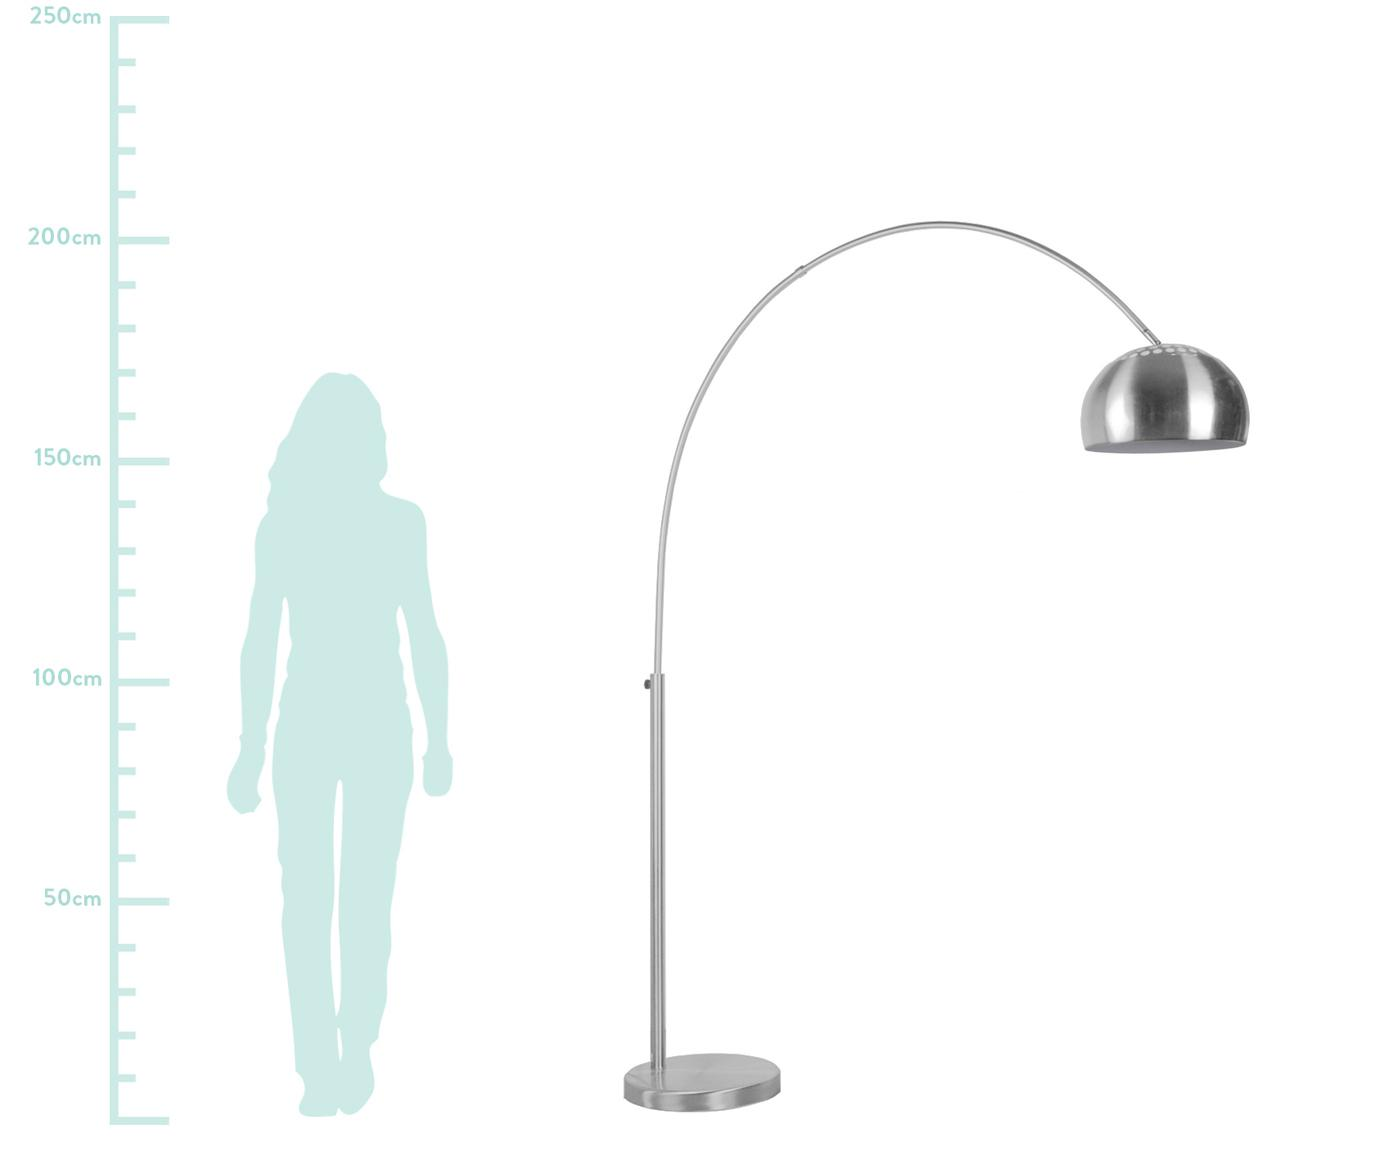 Lampadaire arc argenté à hauteur ajustable Metal Bow, Métal